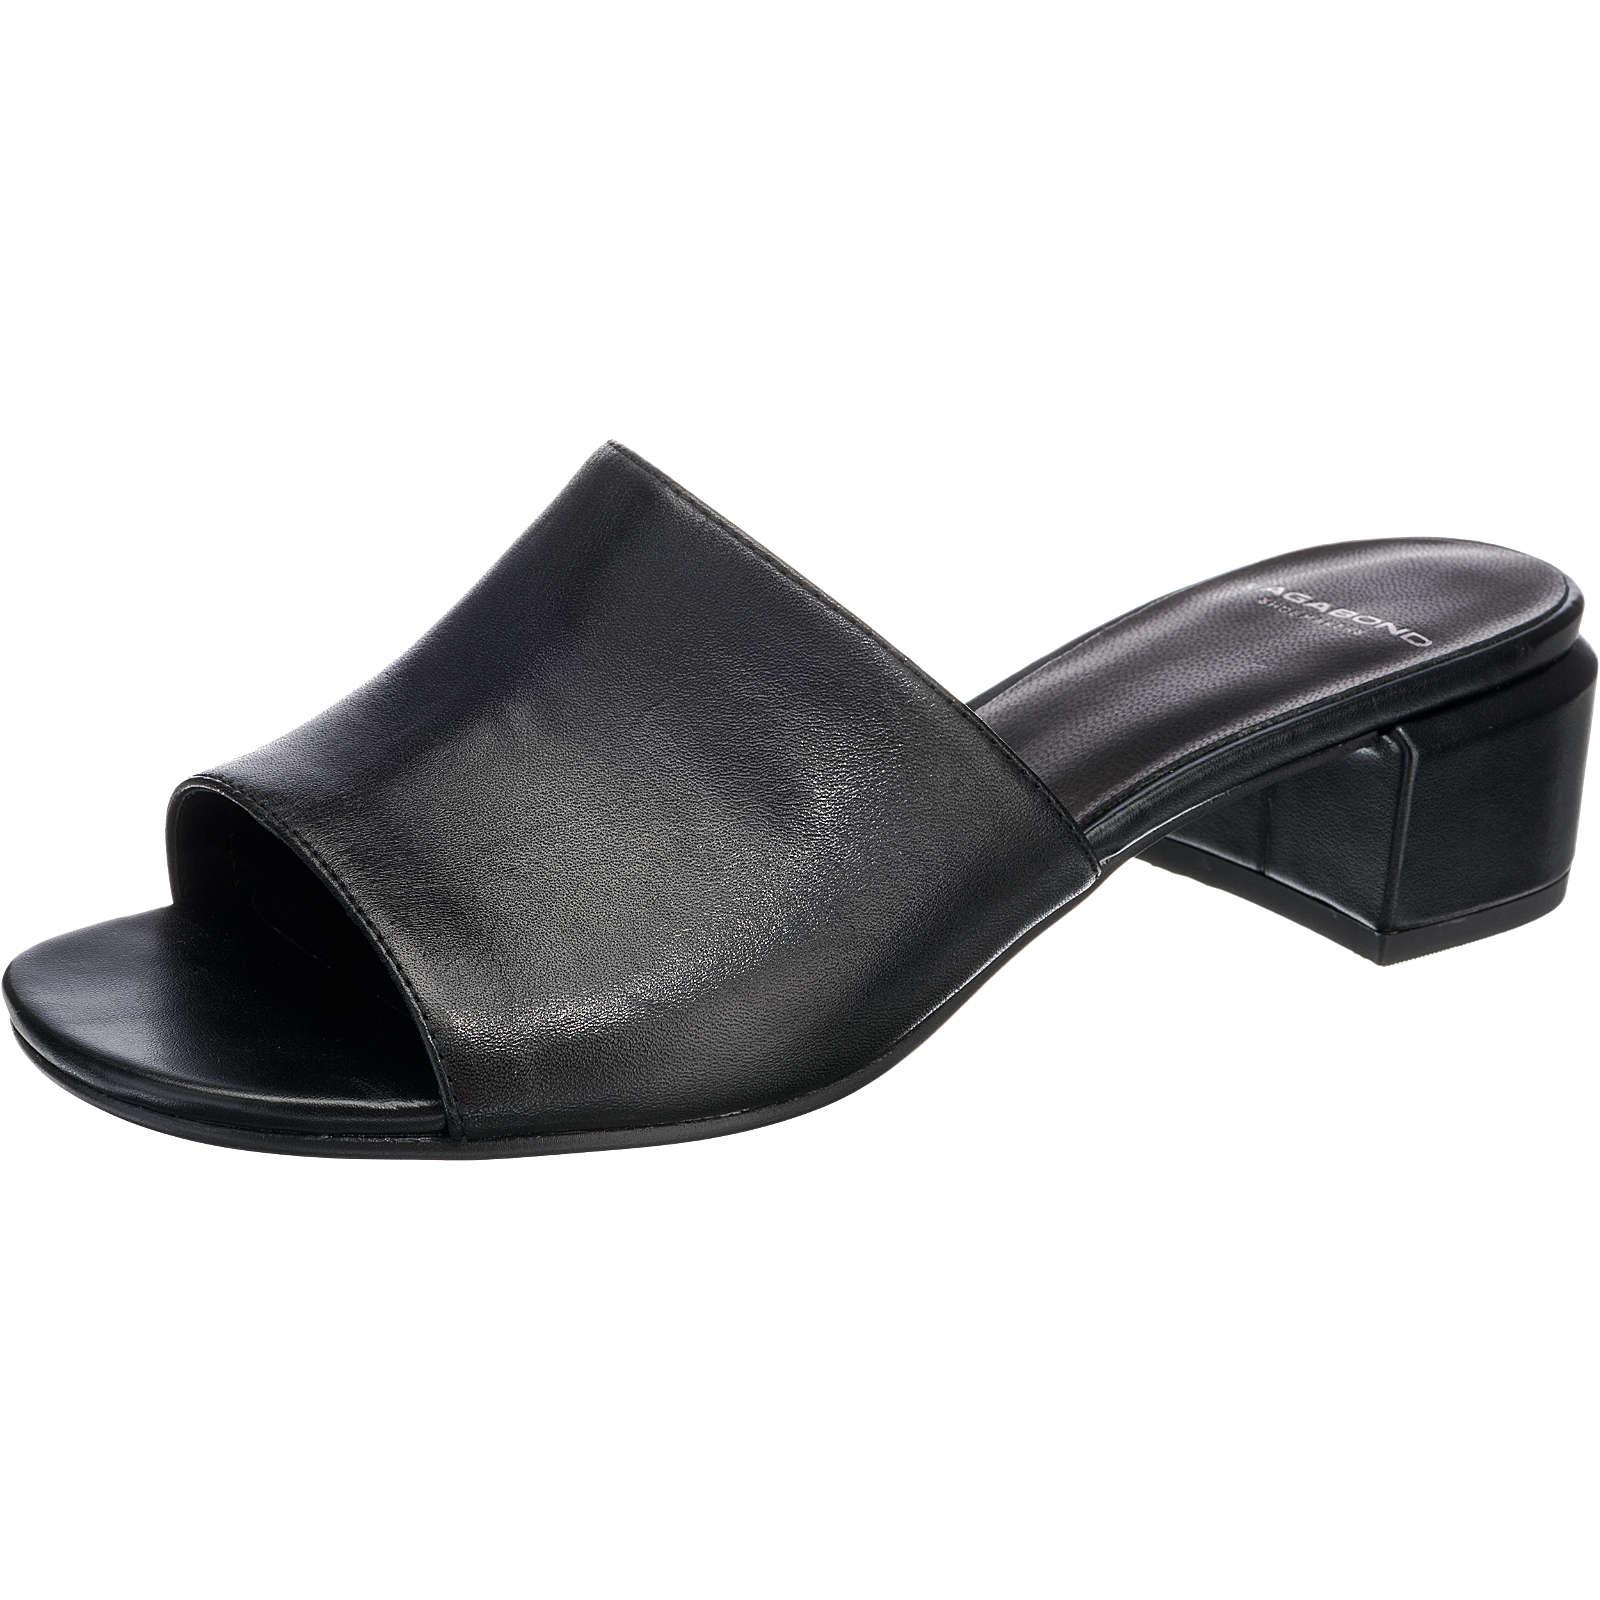 VAGABOND Aisha Klassische Sandaletten schwarz Damen Gr. 37